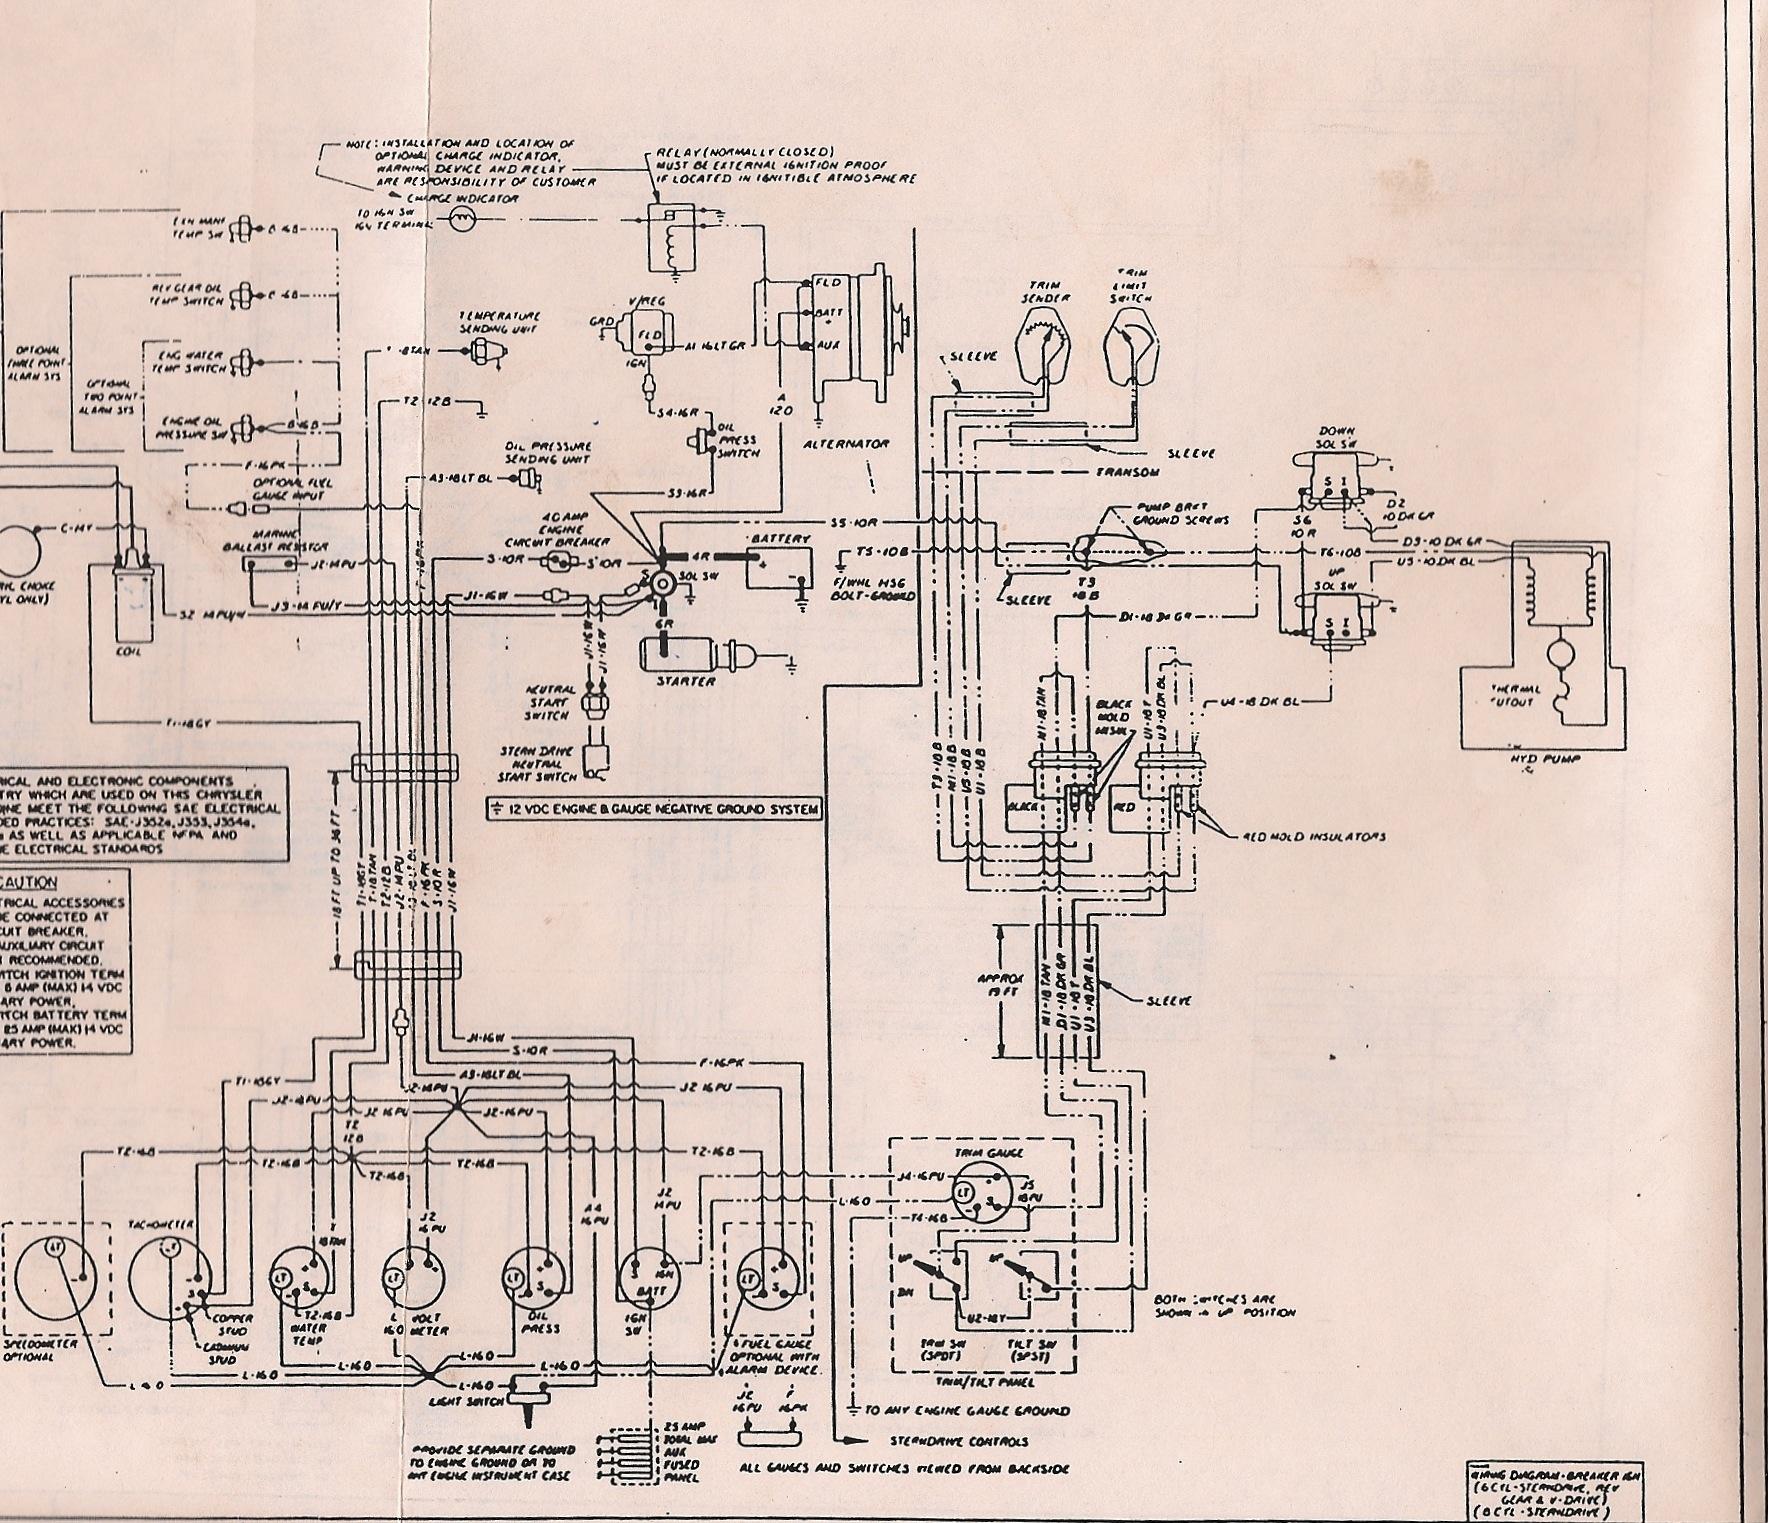 Chrysler Alternator Wiring Diagram from slantsix.org